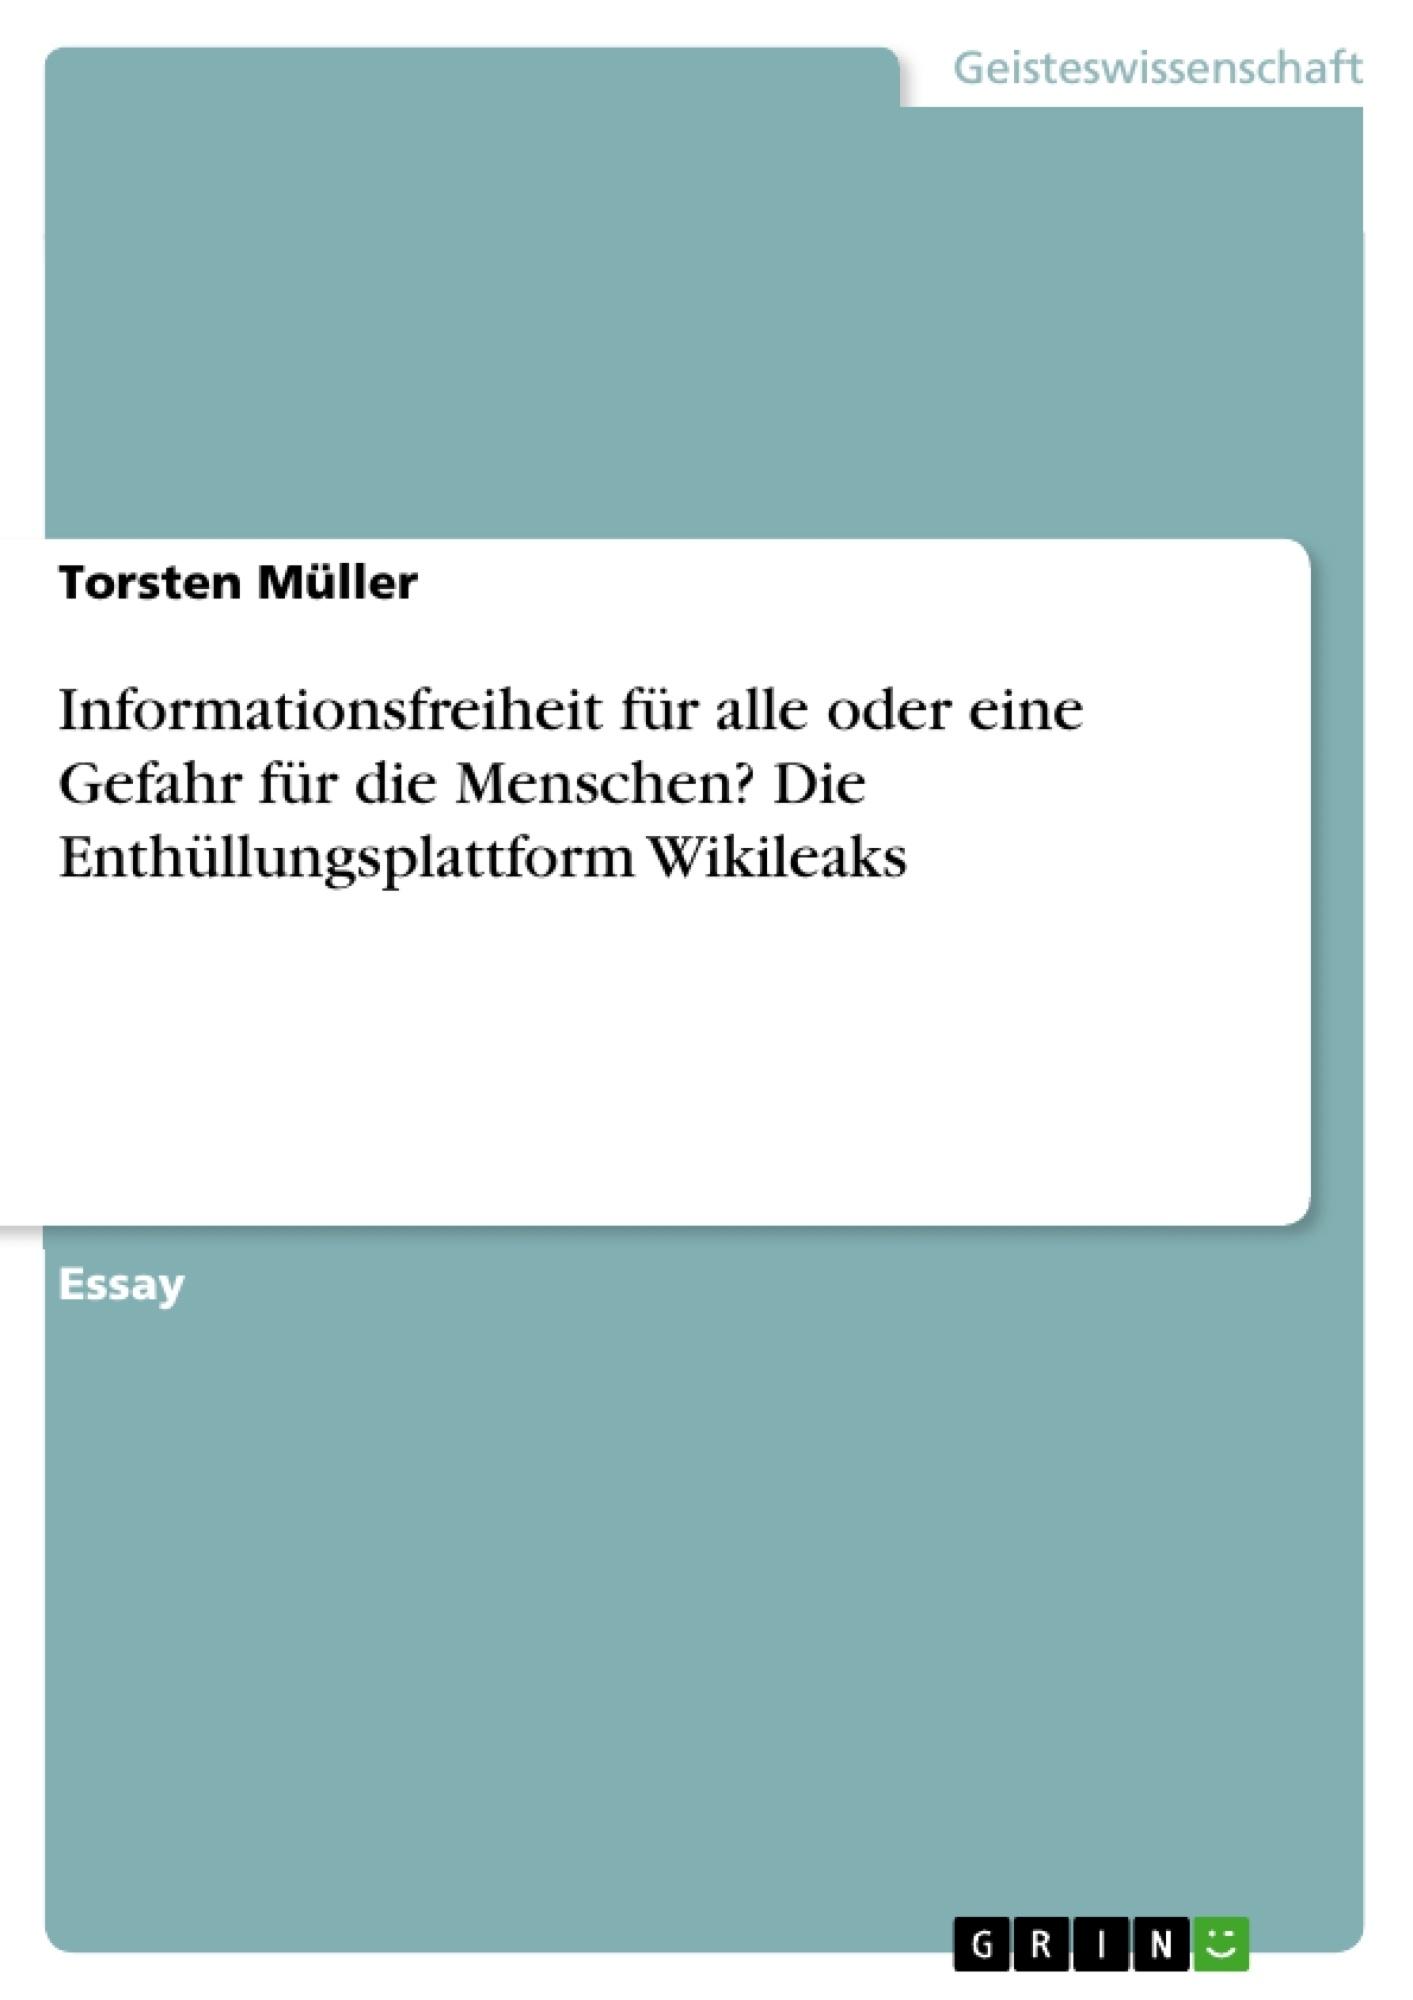 Titel: Informationsfreiheit für alle oder eine Gefahr für die Menschen? Die Enthüllungsplattform Wikileaks